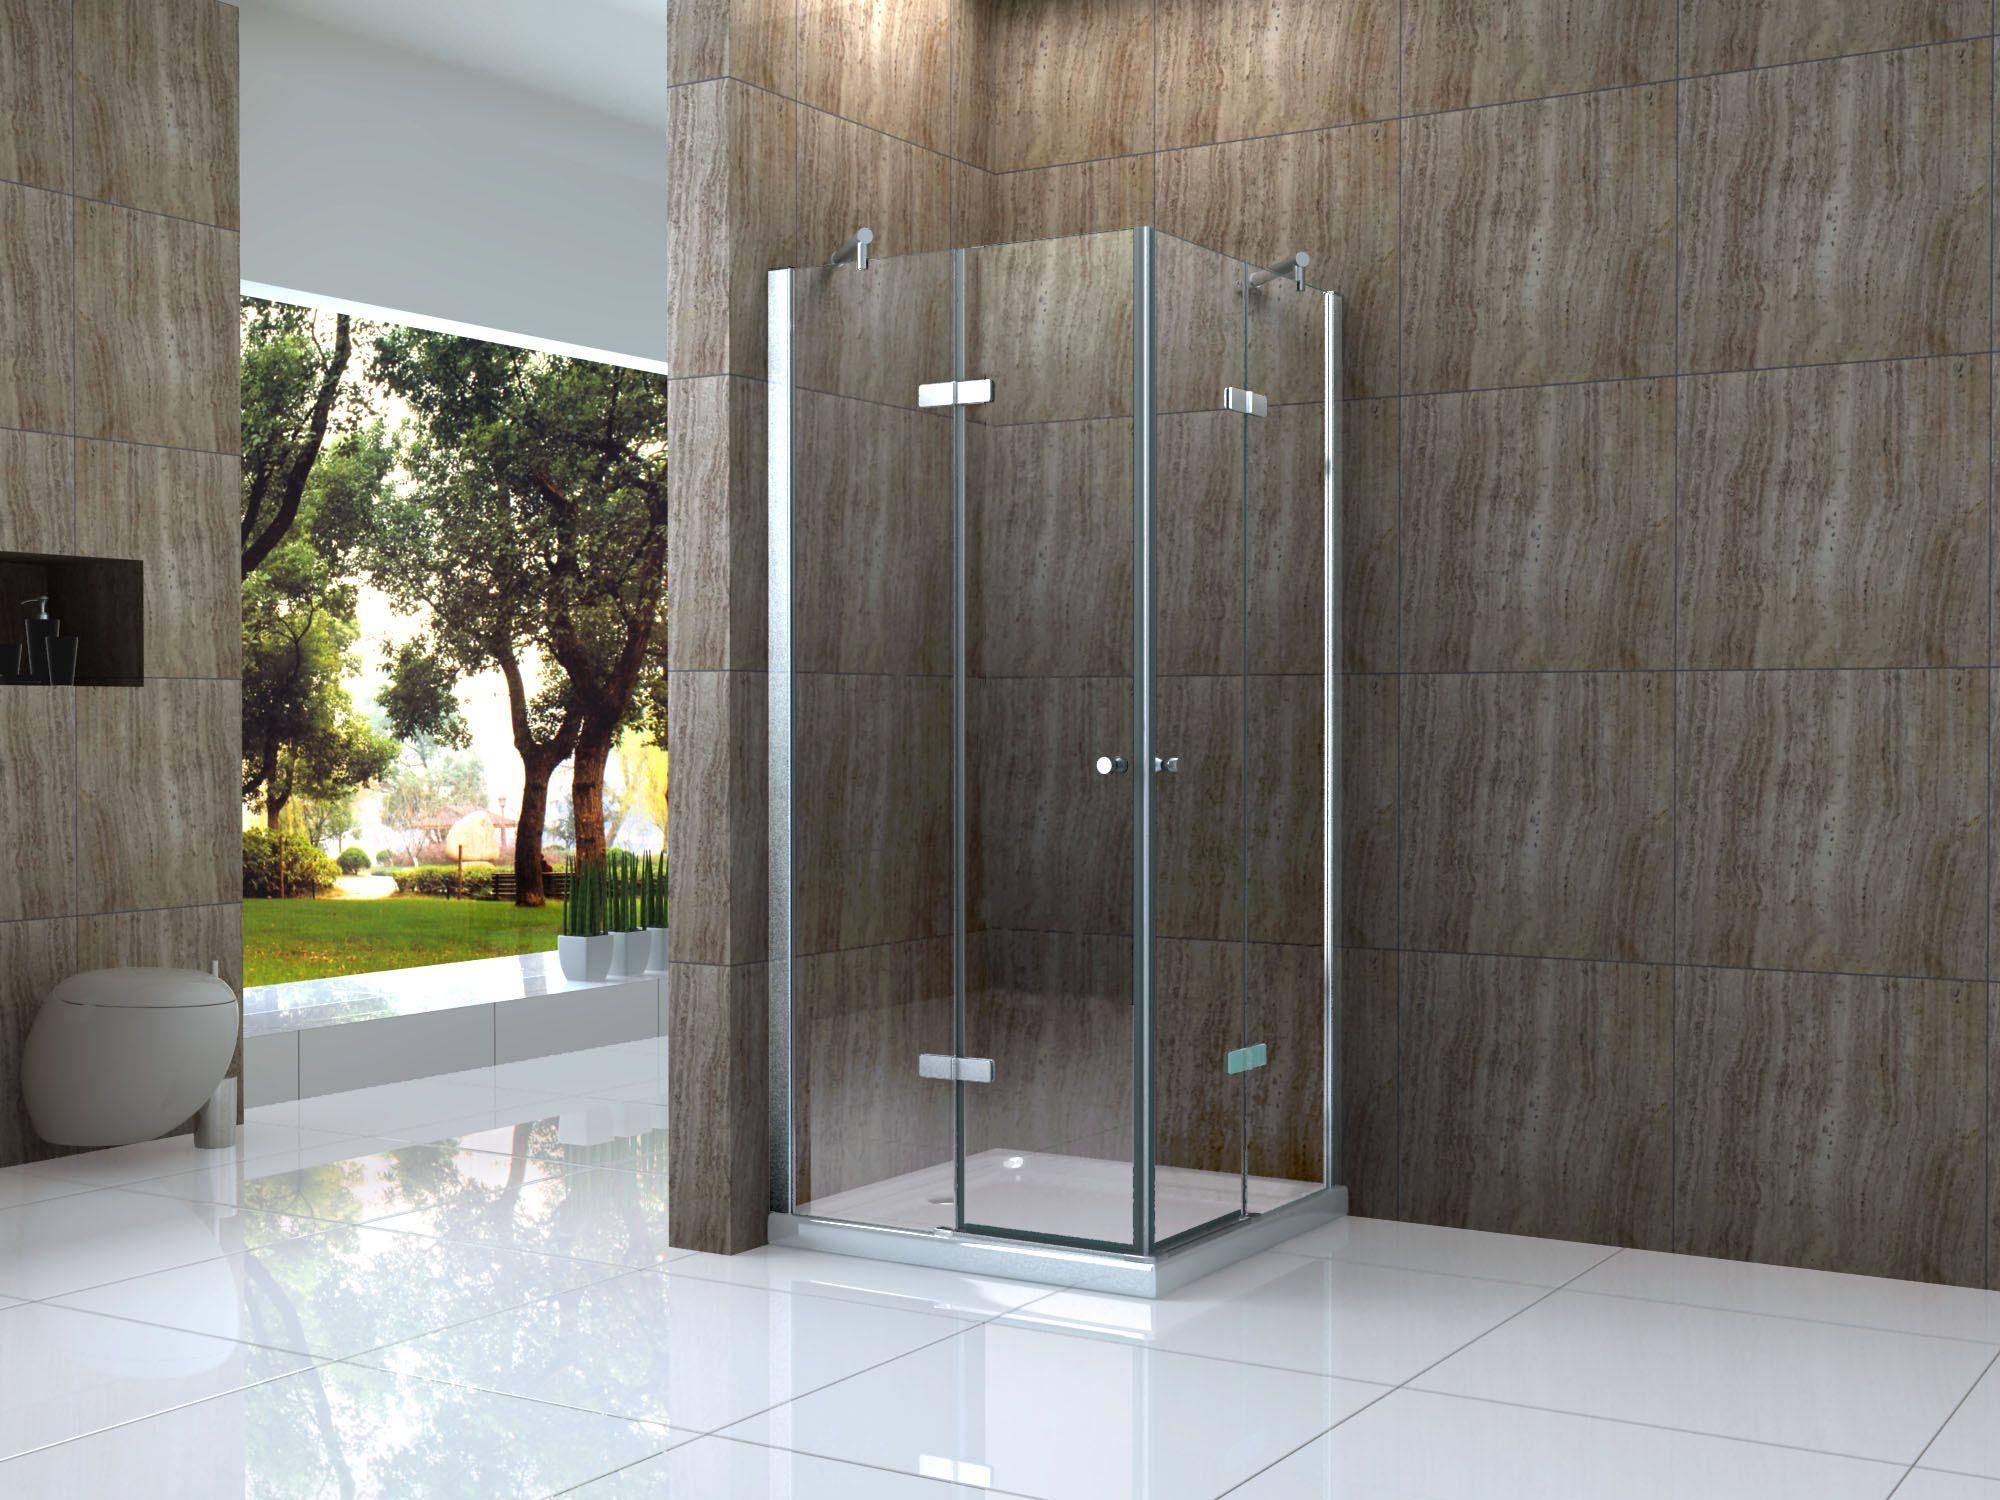 CANTO 80 x 90 cm Glas Dusche Duschkabine Duschwand Duschabtrennung ... | {Duschkabine glas 14}